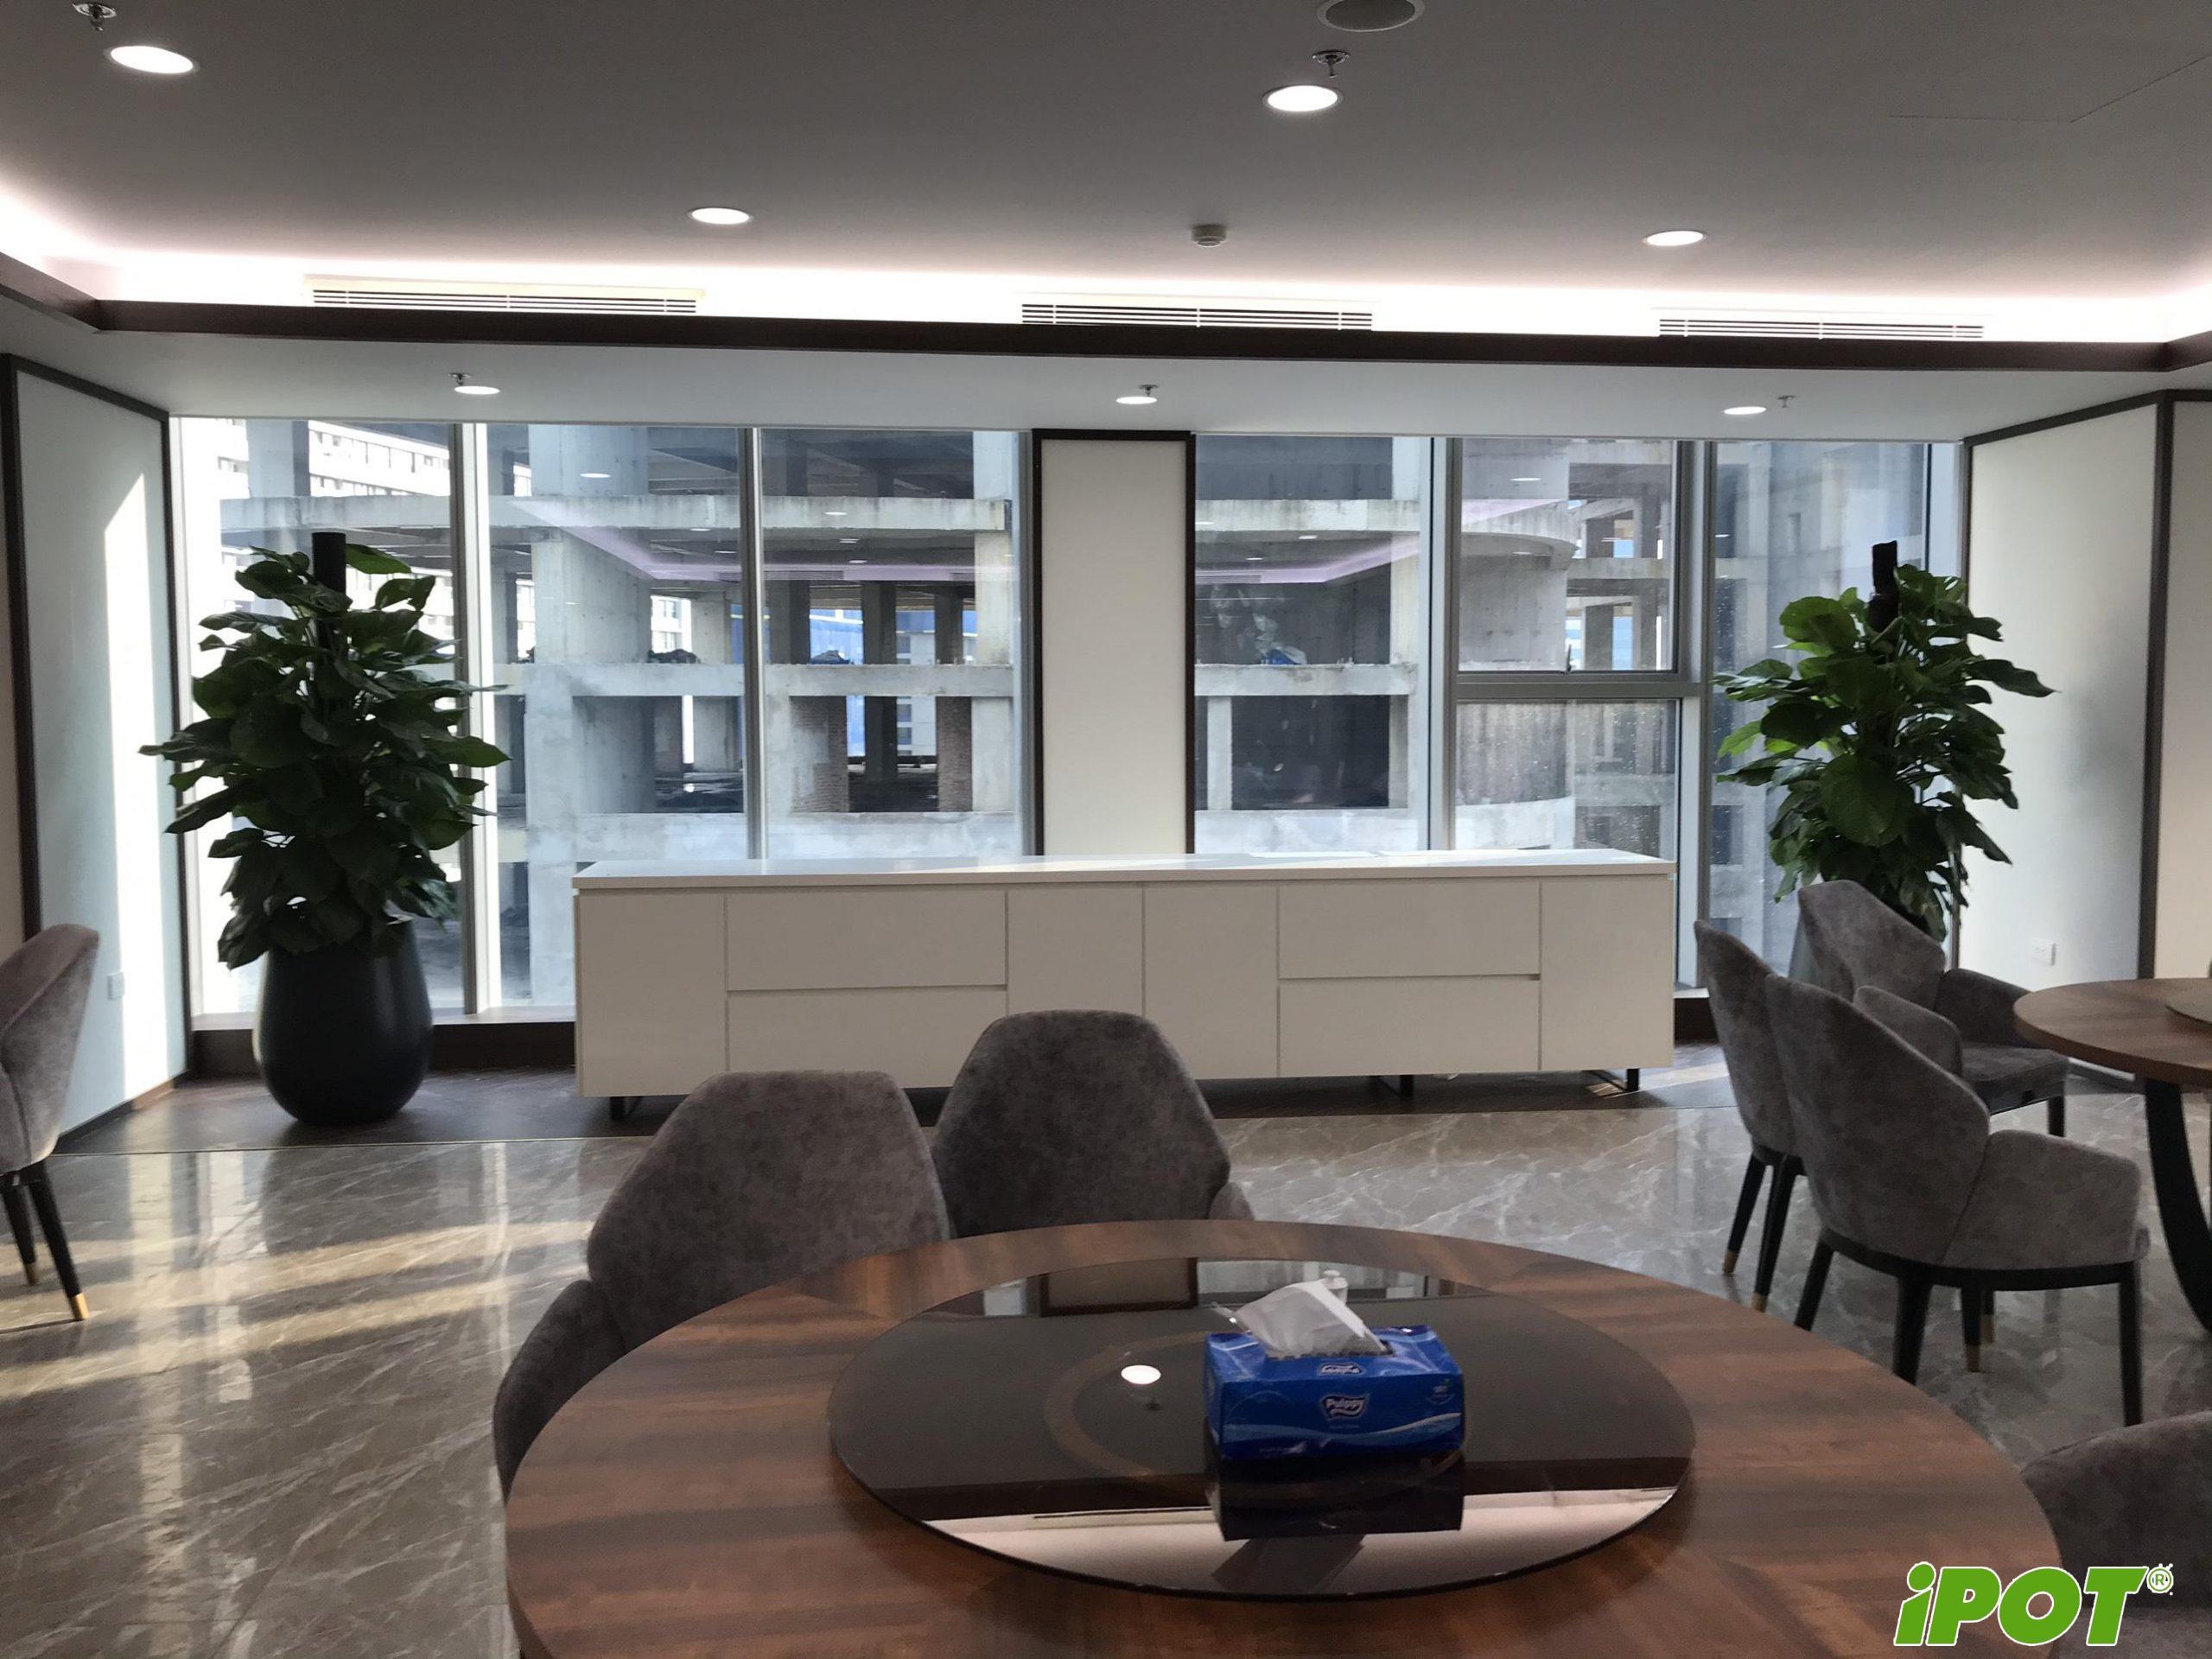 MB Bank Lê Văn Lương lựa chọn iPOT là đơn vị cung cấp chậu Composite trang trí khuôn viên